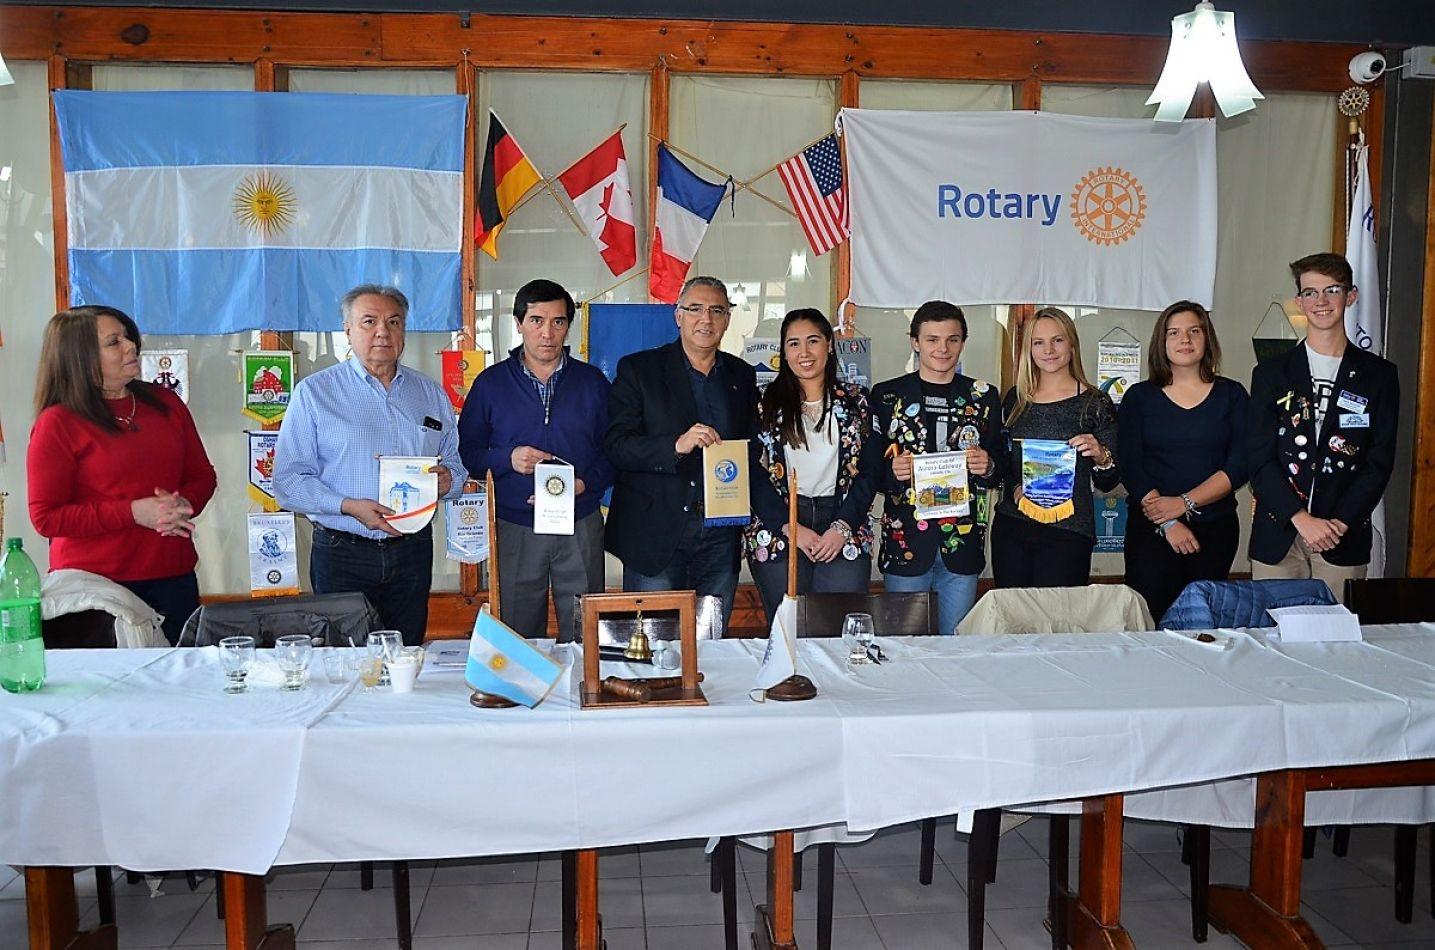 Autoridades del Rotary Club Río Grande encabezaron el almuerzo de camaradería.